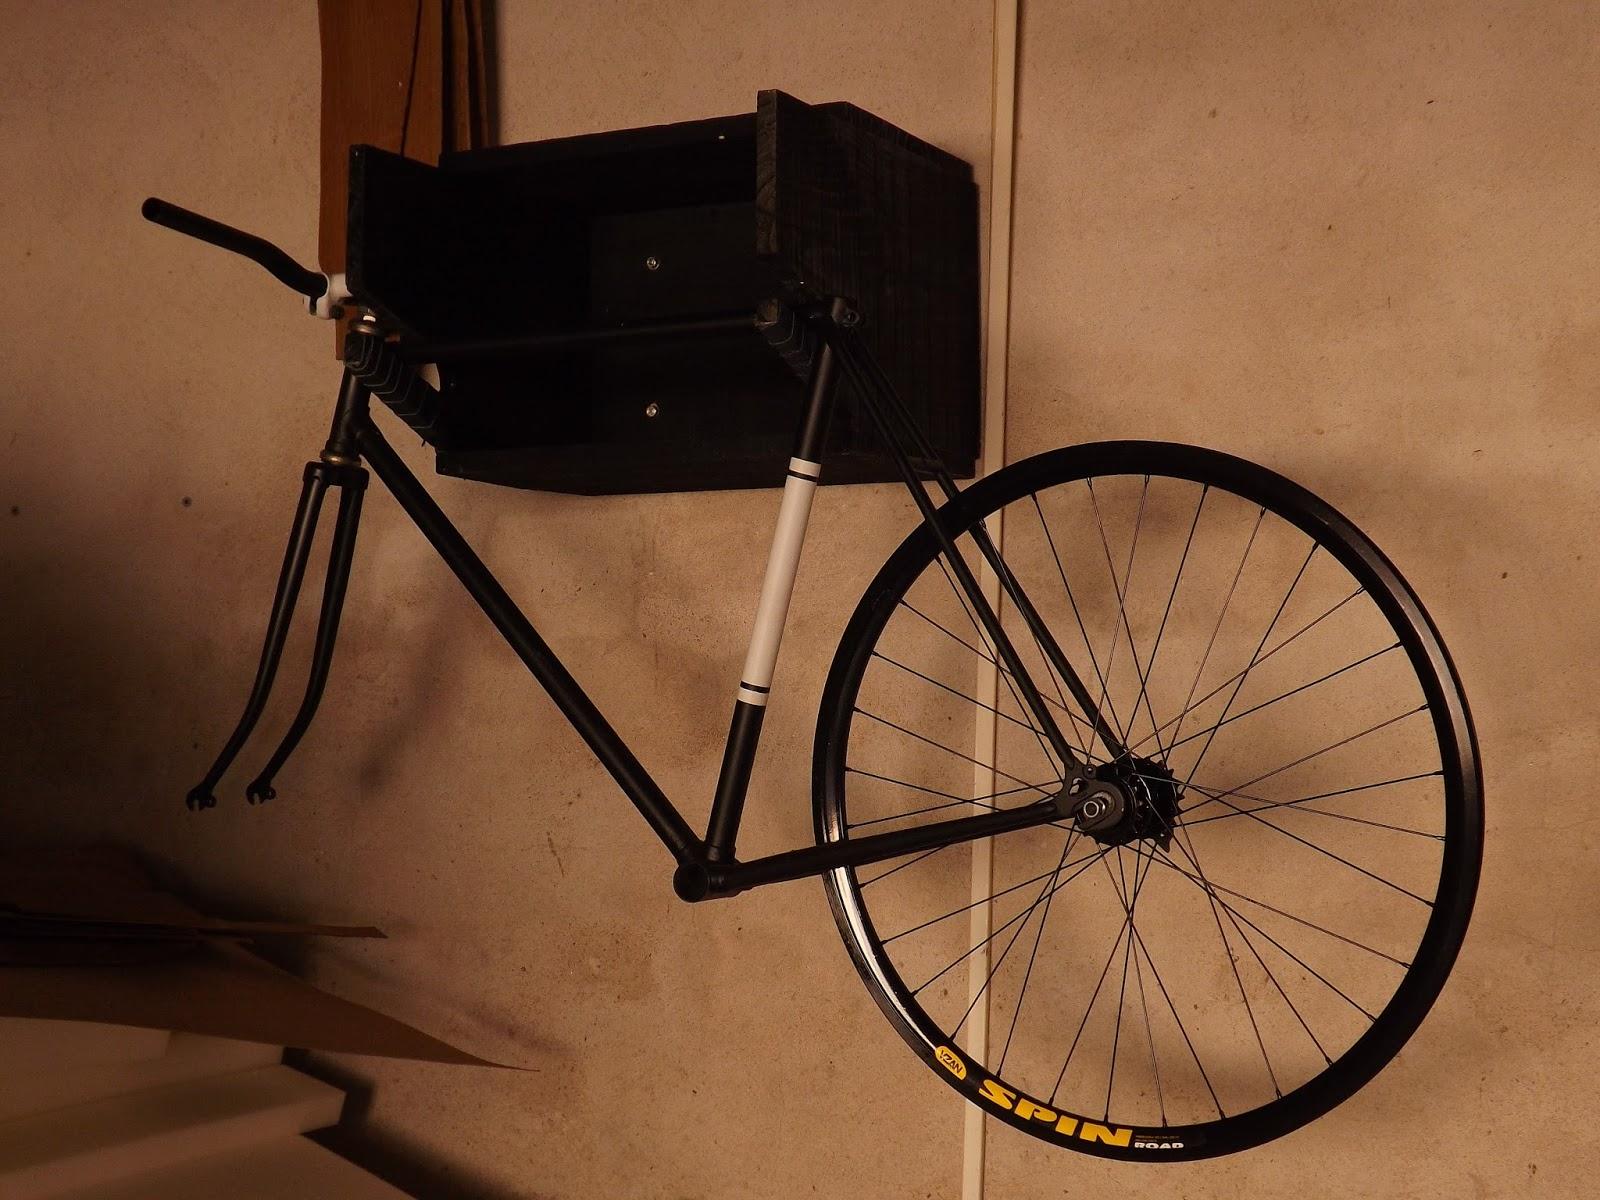 Suporte bicicleta caseiro #C38908 1600x1200